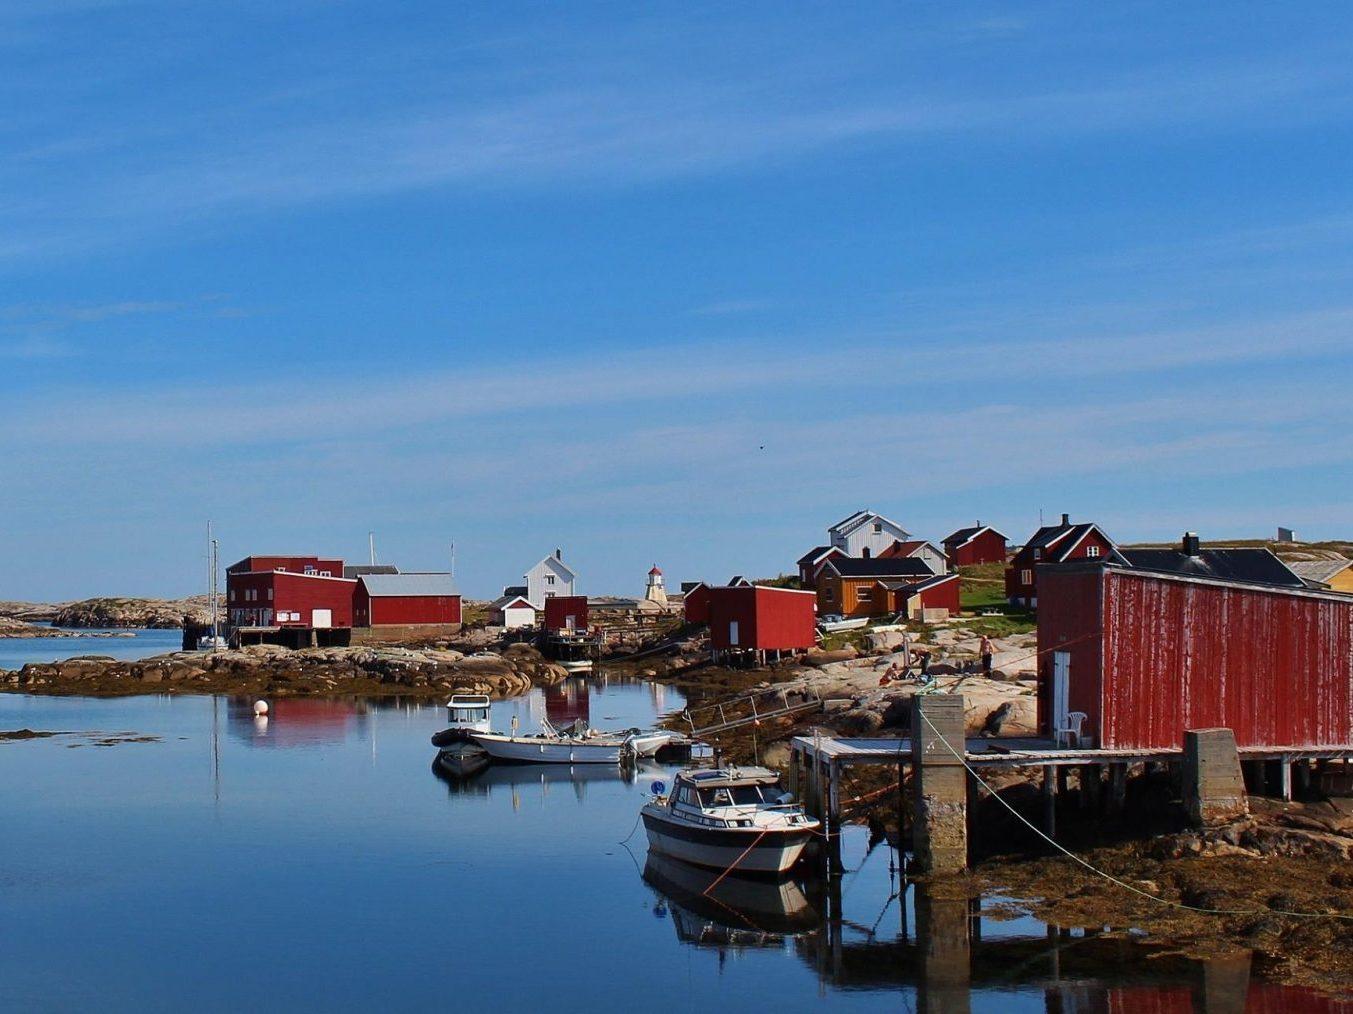 Sommerbilde fra øya Halten som ligger nord i Øyrekka, Trøndelag